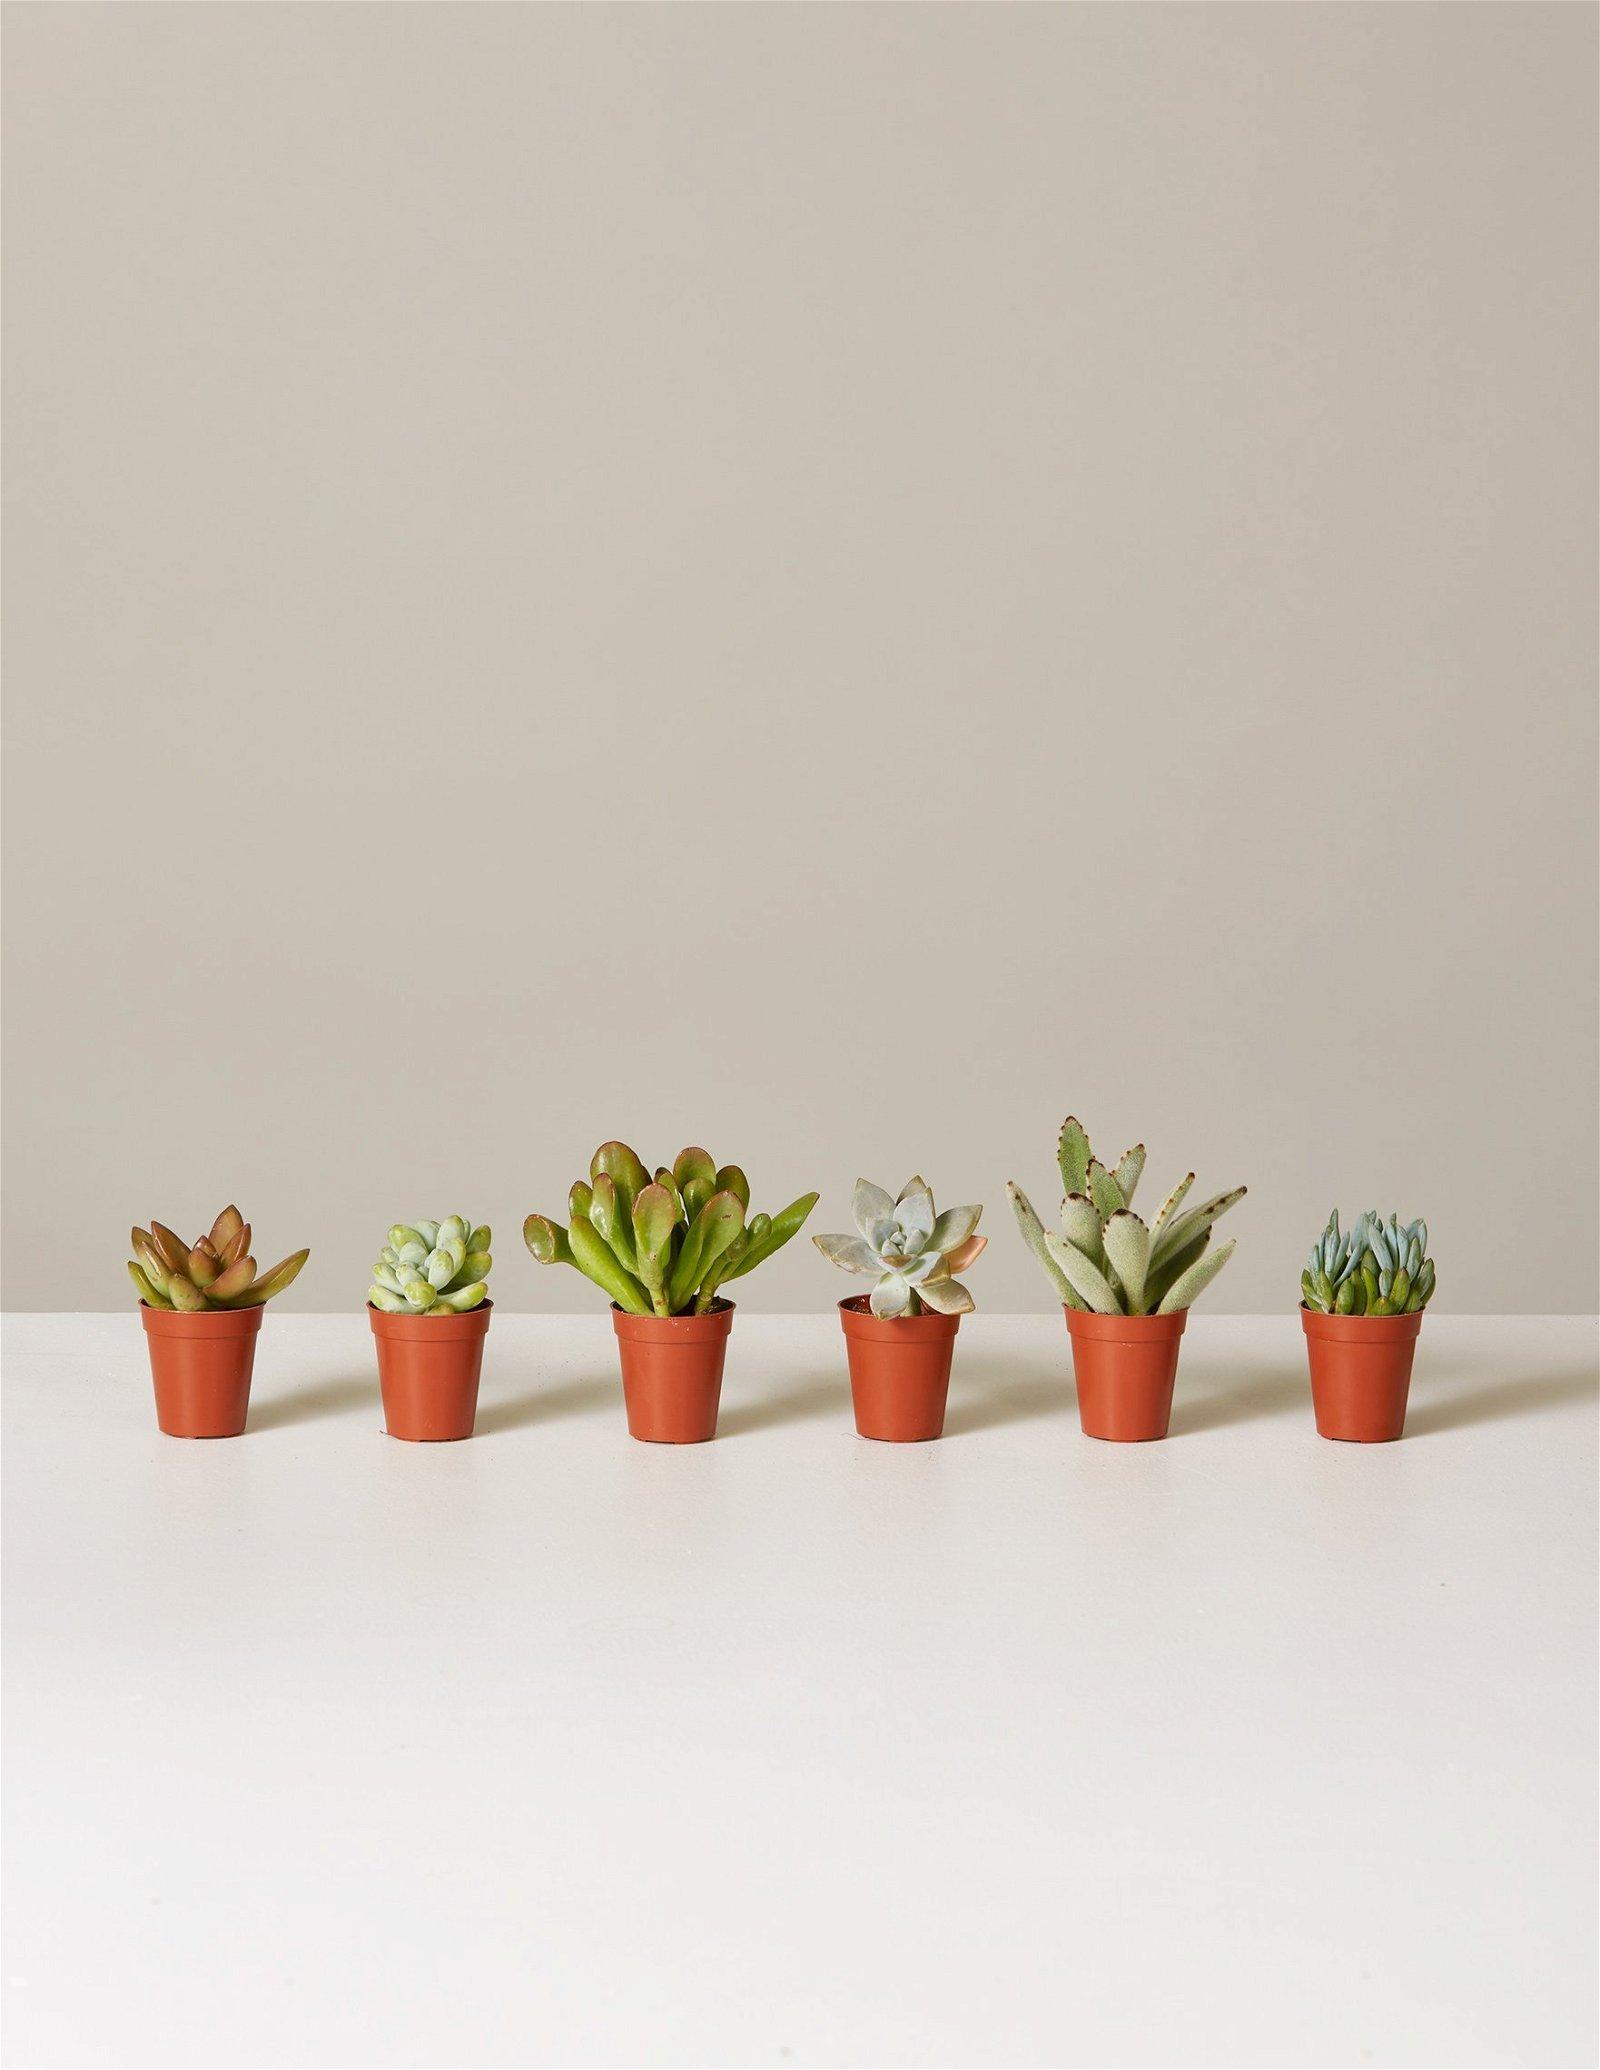 Image of Succulent Assortment